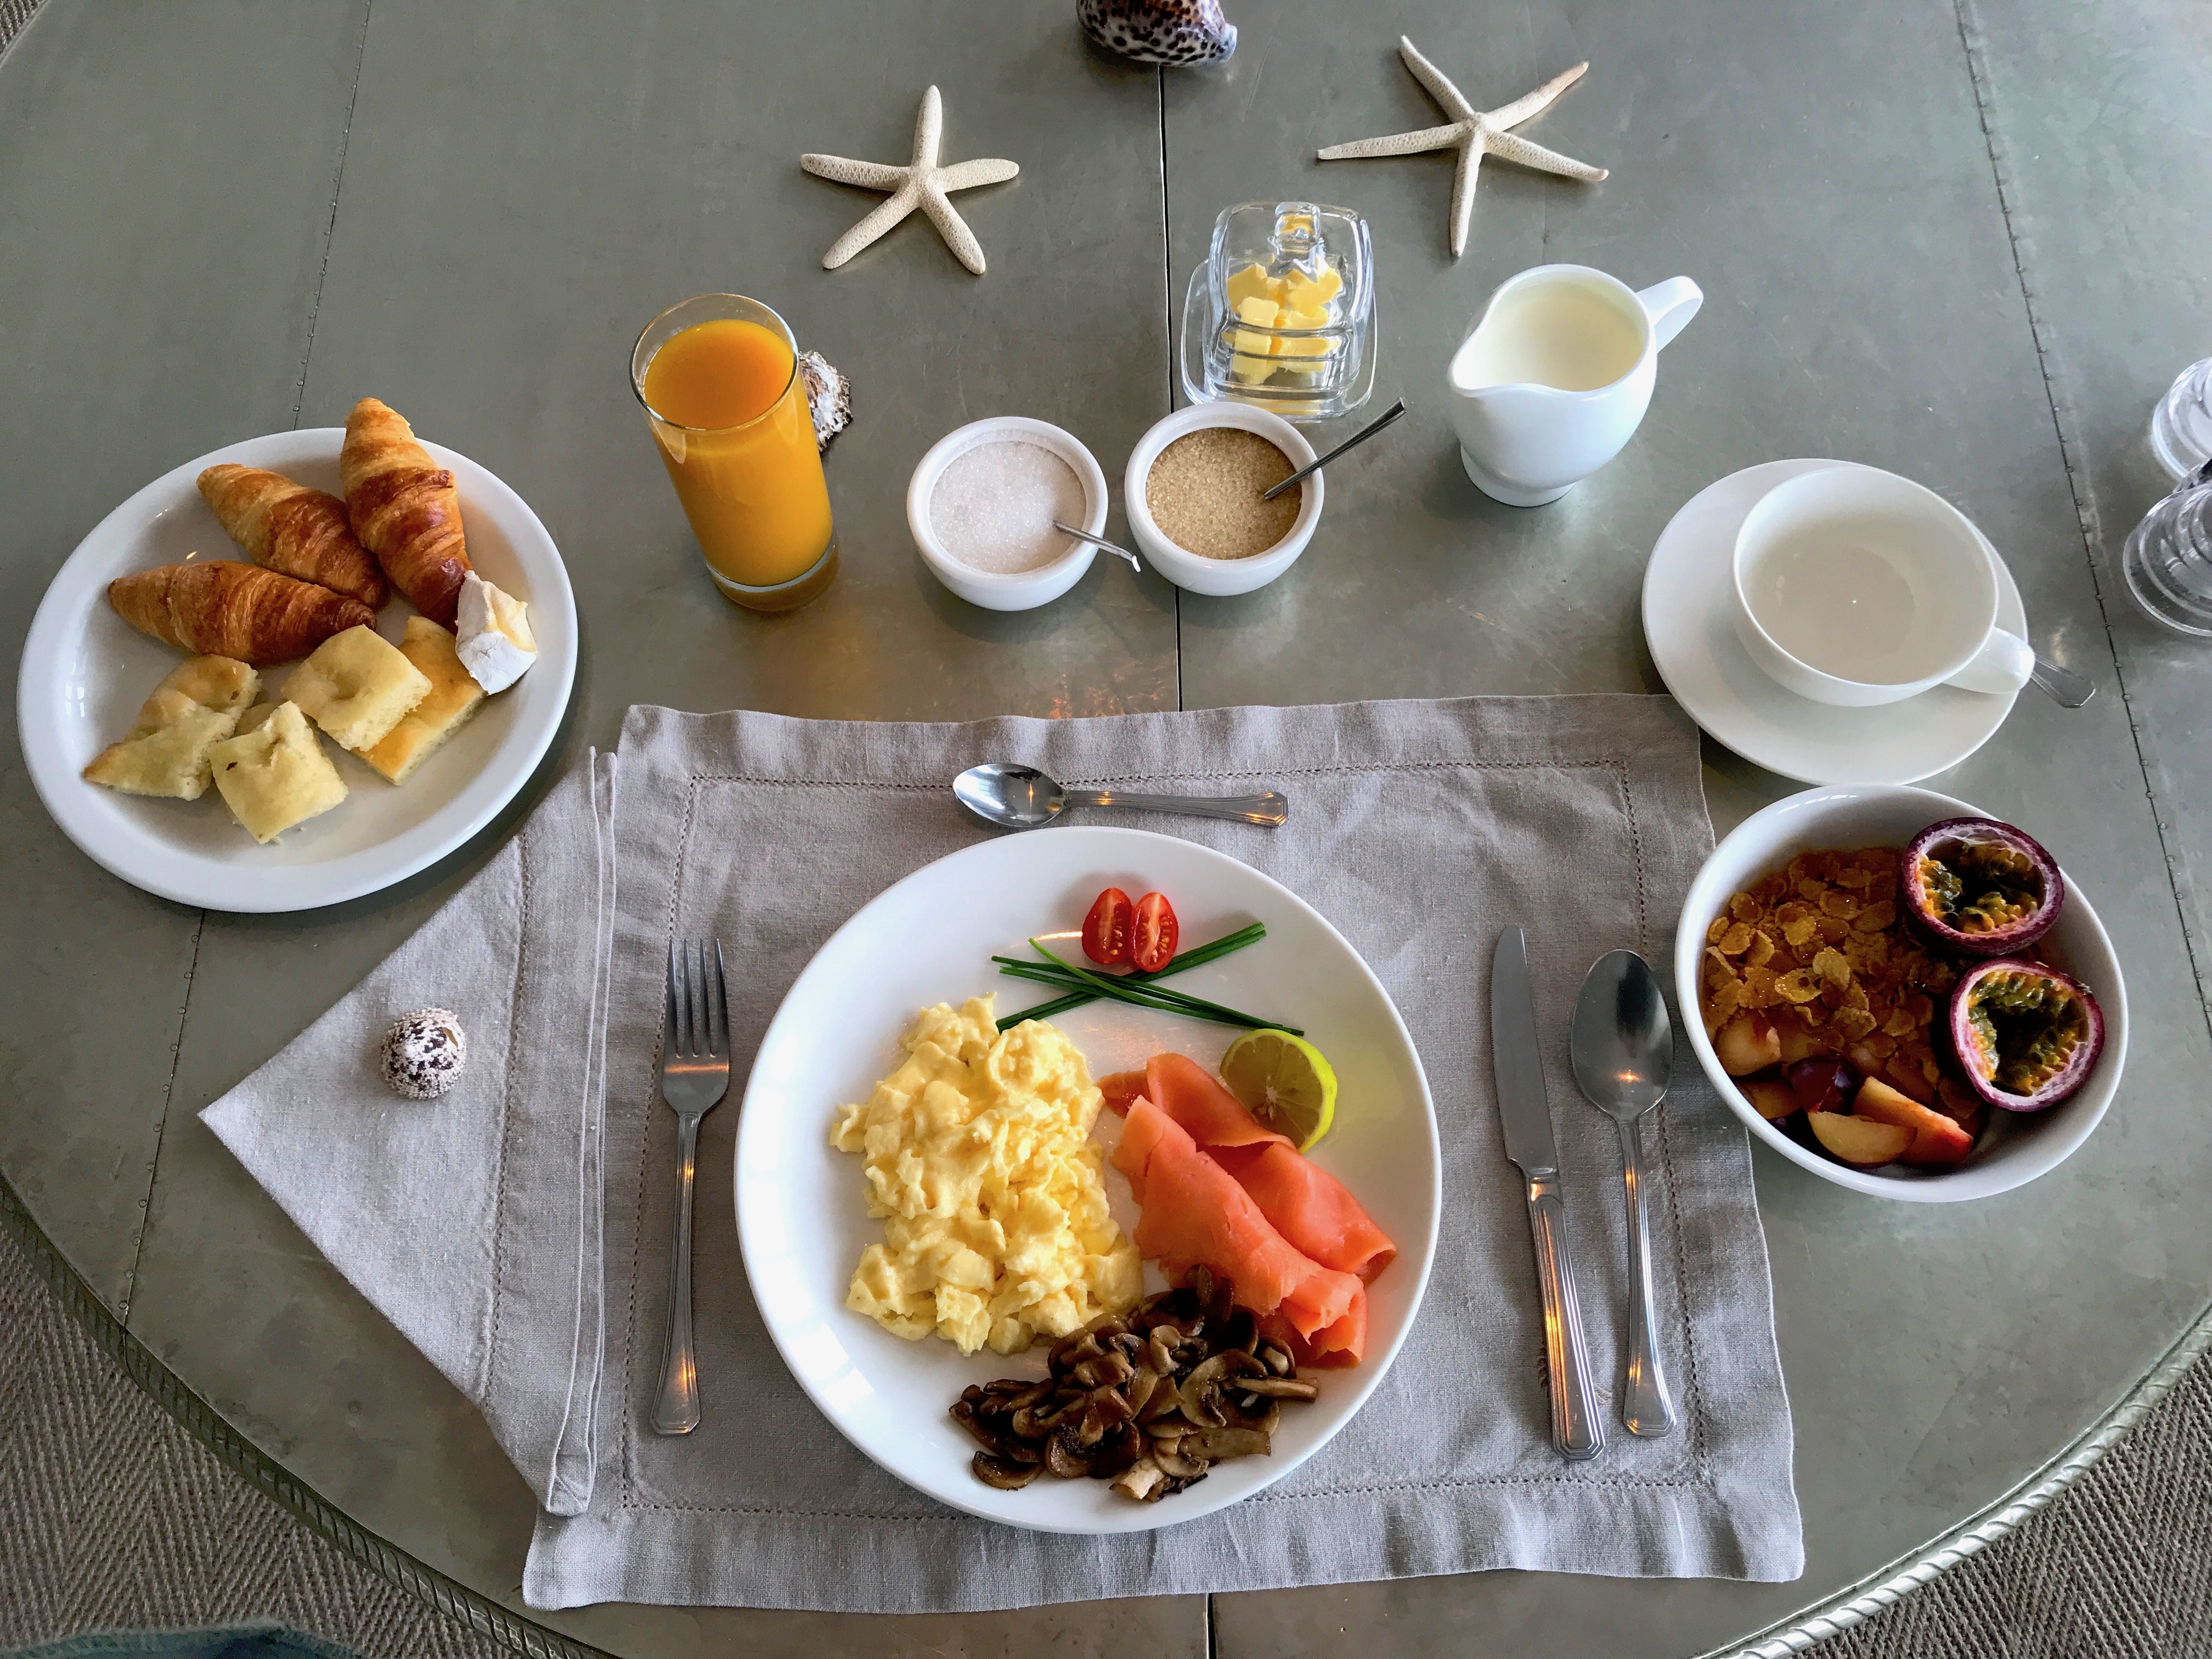 breakfast-campsbay-seafivehotel-lustforthesublime